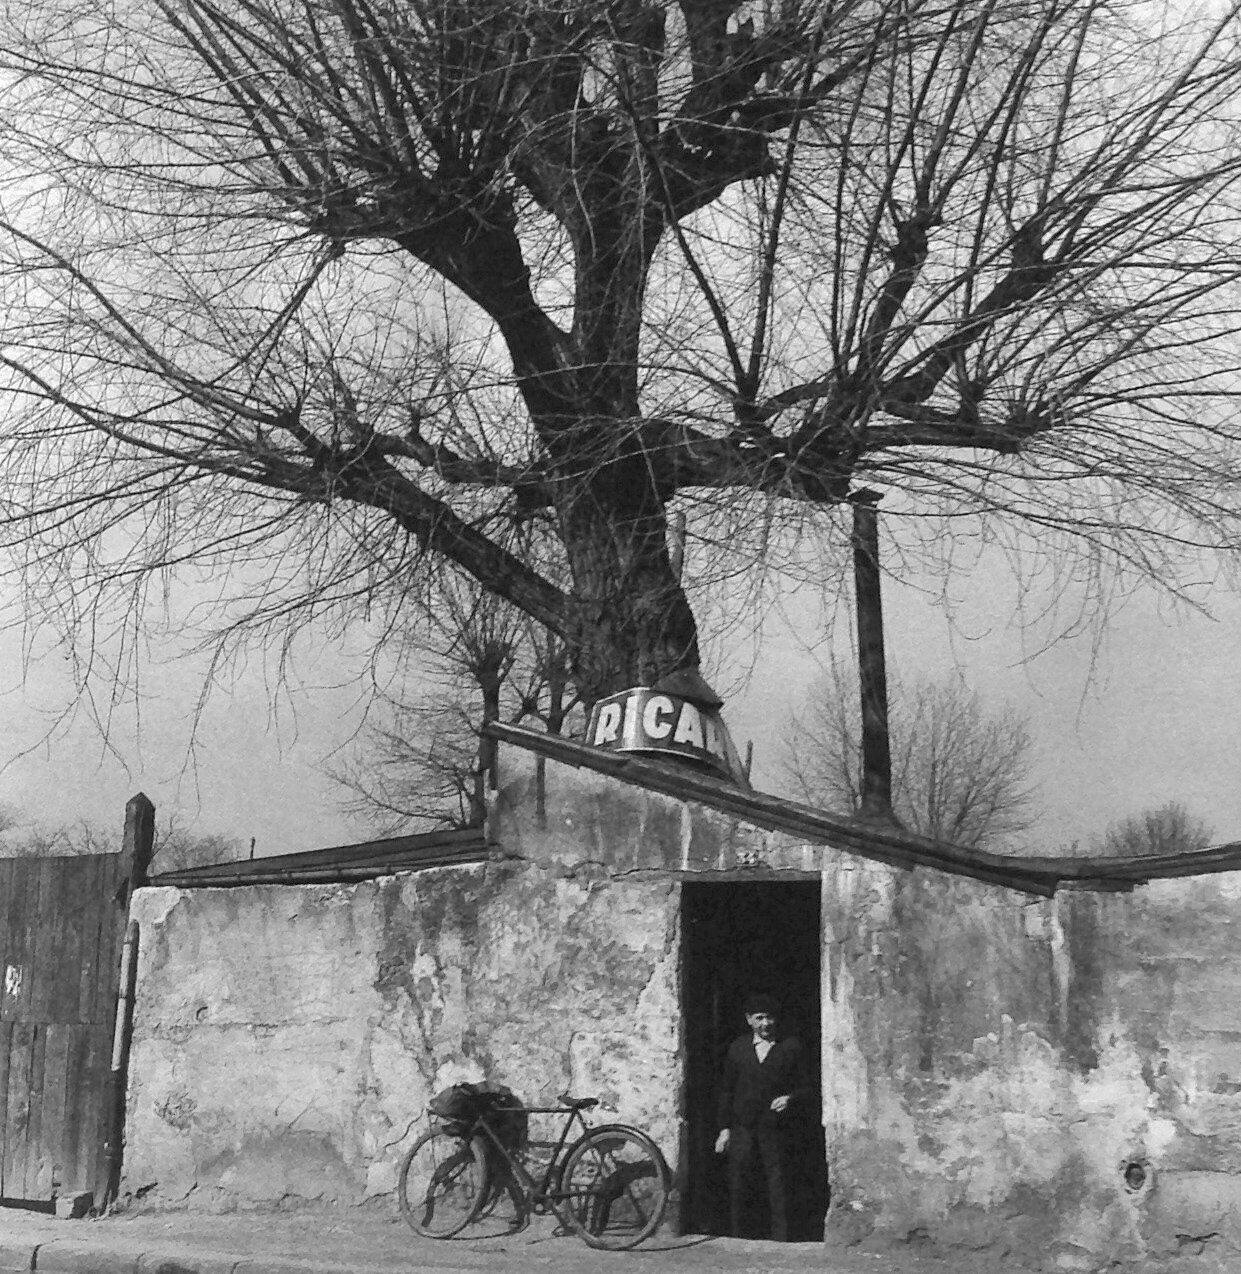 1957. Кафе г-на Дюбрейль. (Баньоле, Иль-де-Франс, 1957)